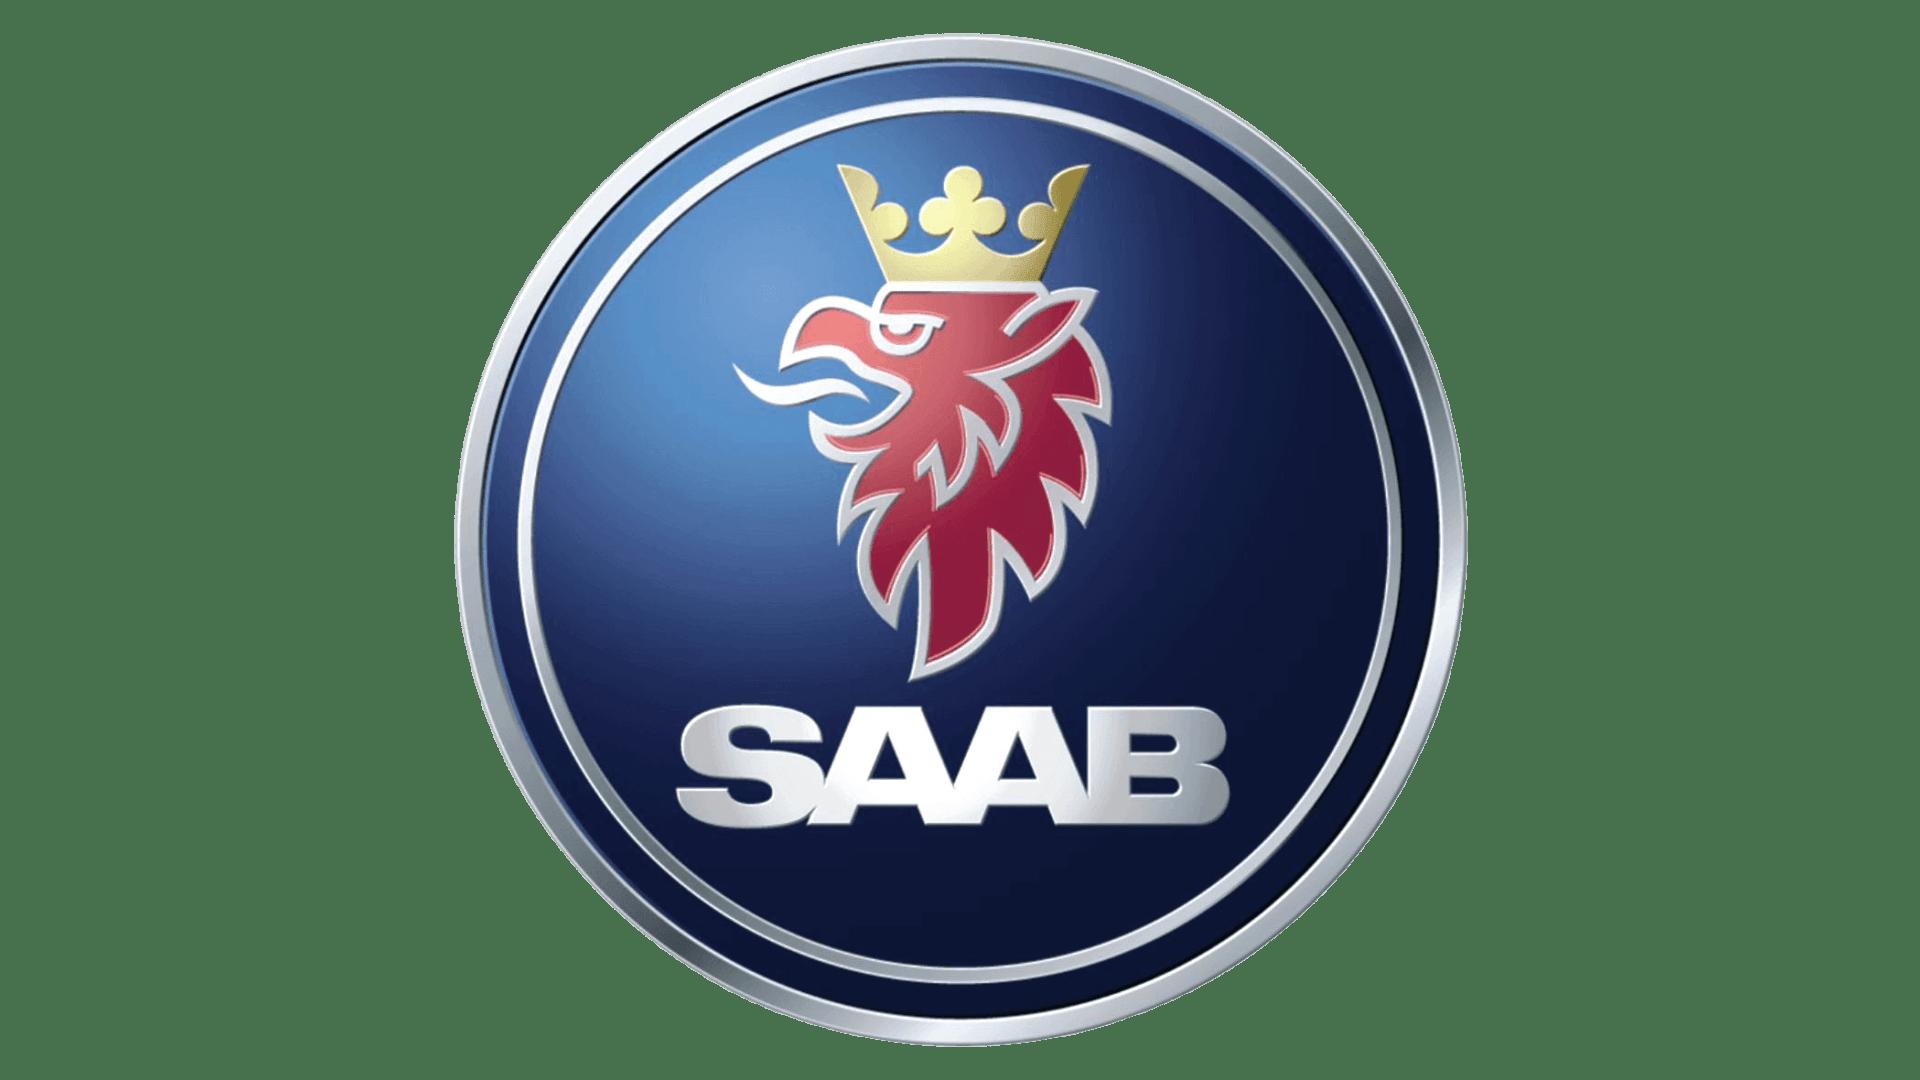 Логотип SAAB (Svenska Automobil AktieBolaget)